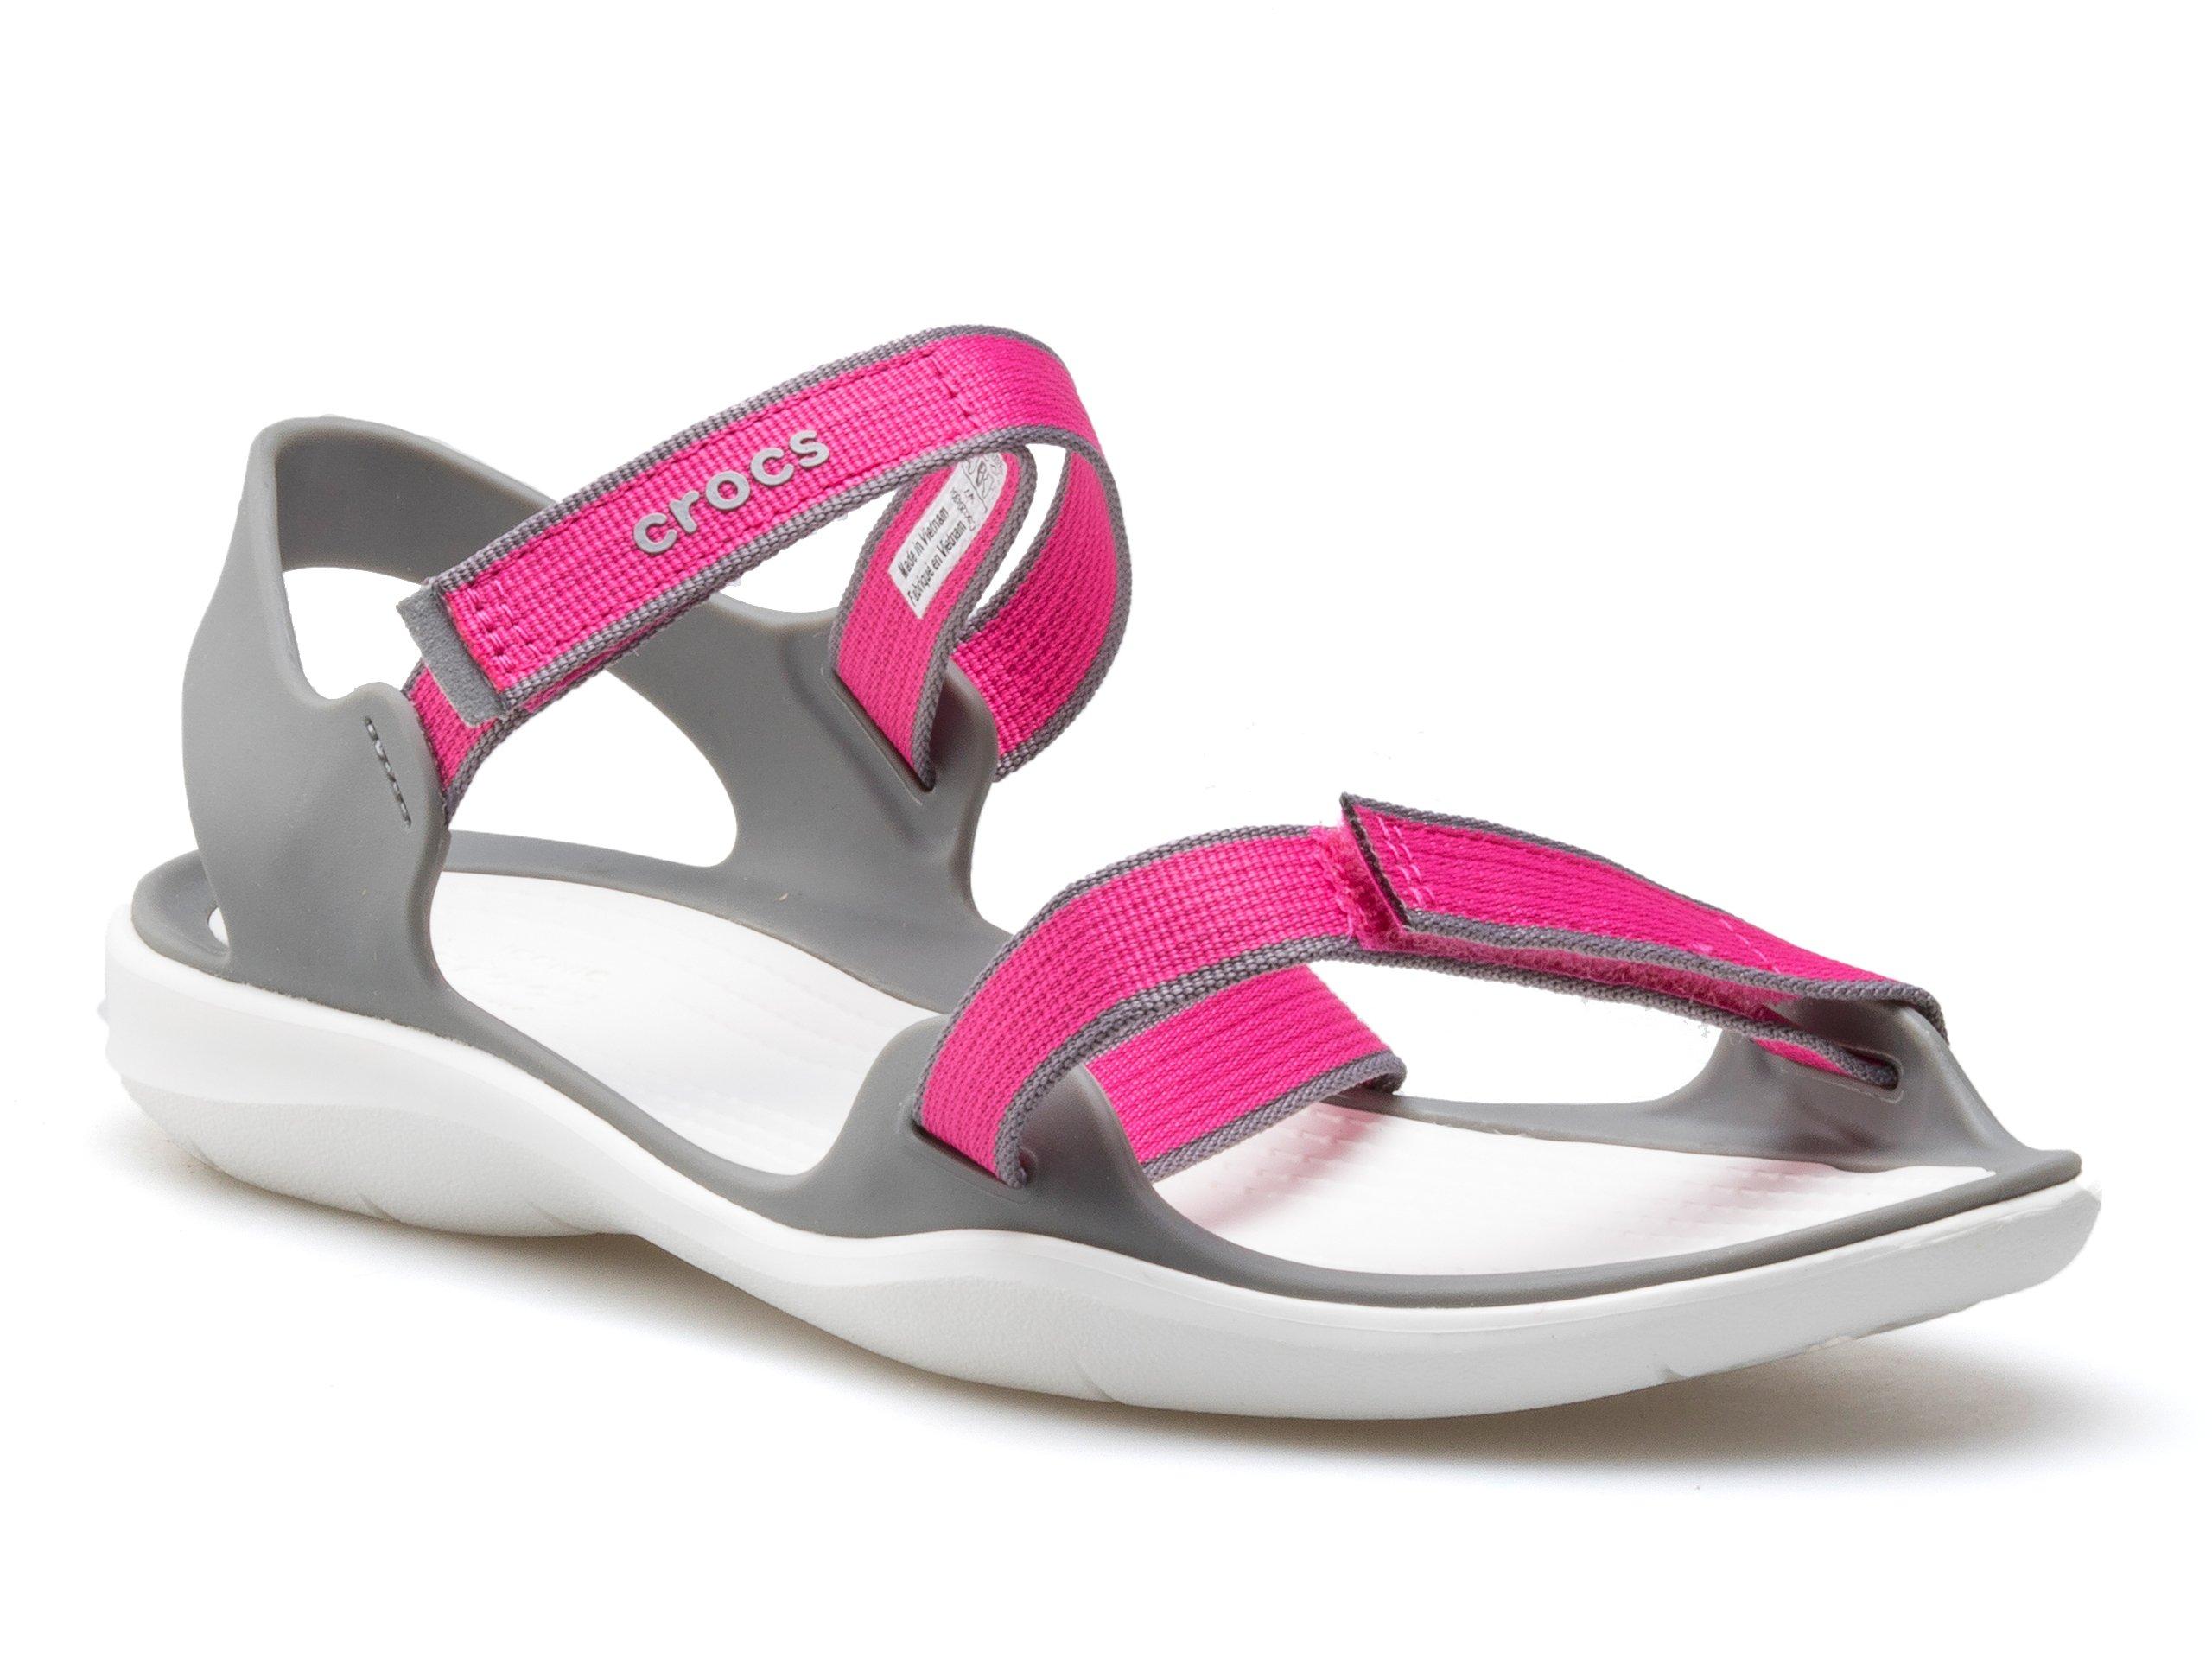 amazonka urzędnik kup najlepiej Sandały Crocs Swiftwater 204804-6OH r. 41-42 - 7302458868 ...